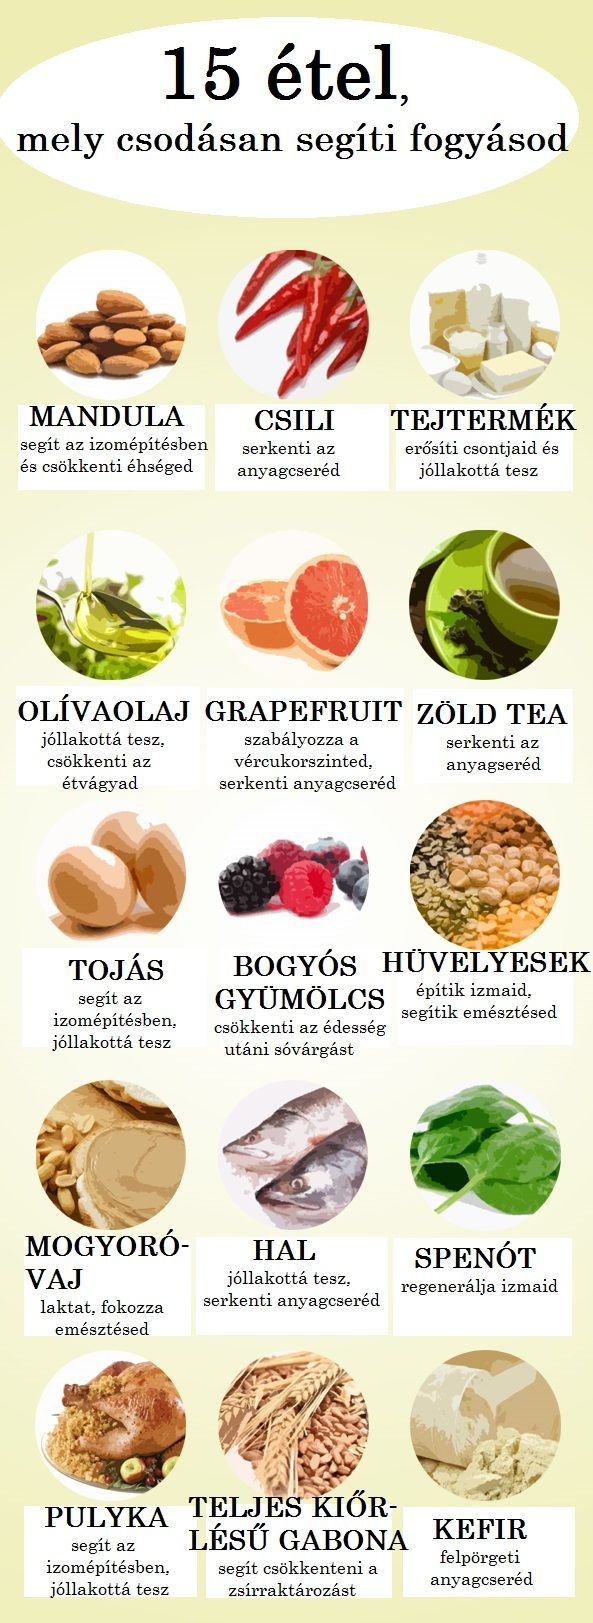 mit lehet enni zsírégetővel